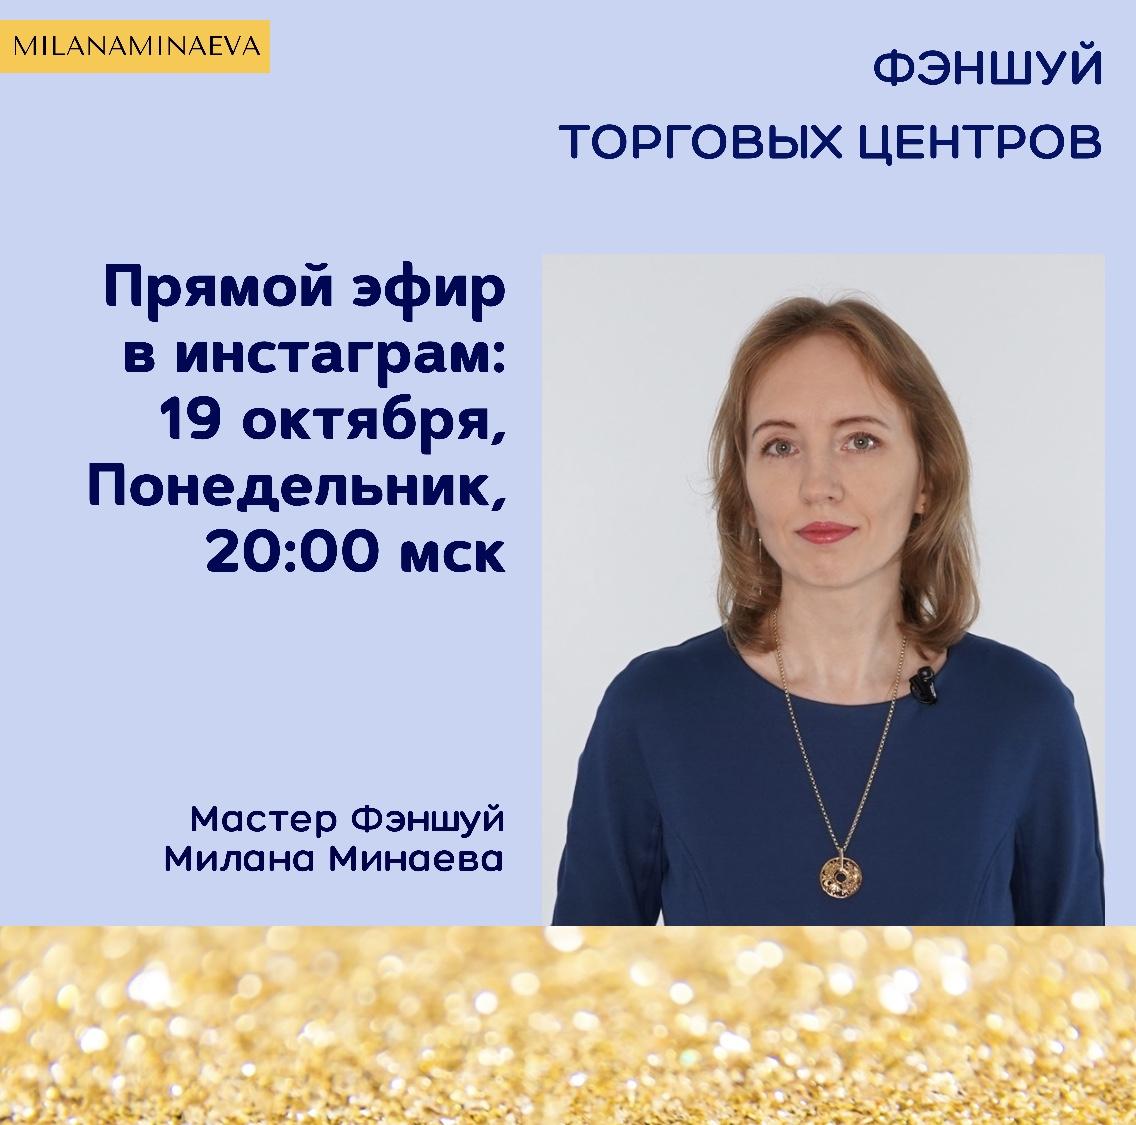 Фэншуй торговых центров - прямой эфир - Milana.Ru